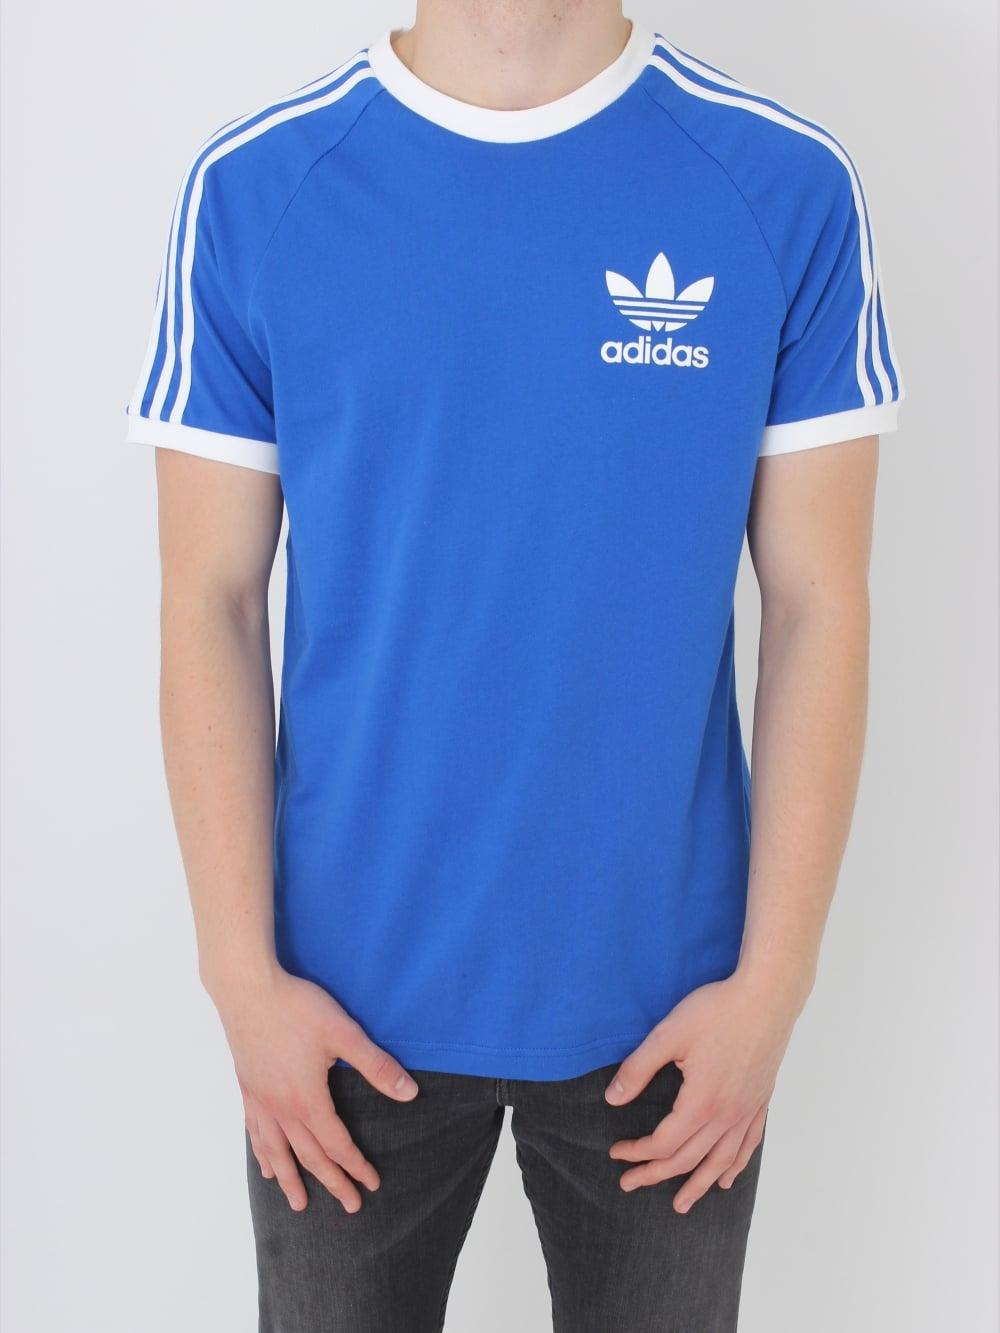 CLFN T Shirt Blue